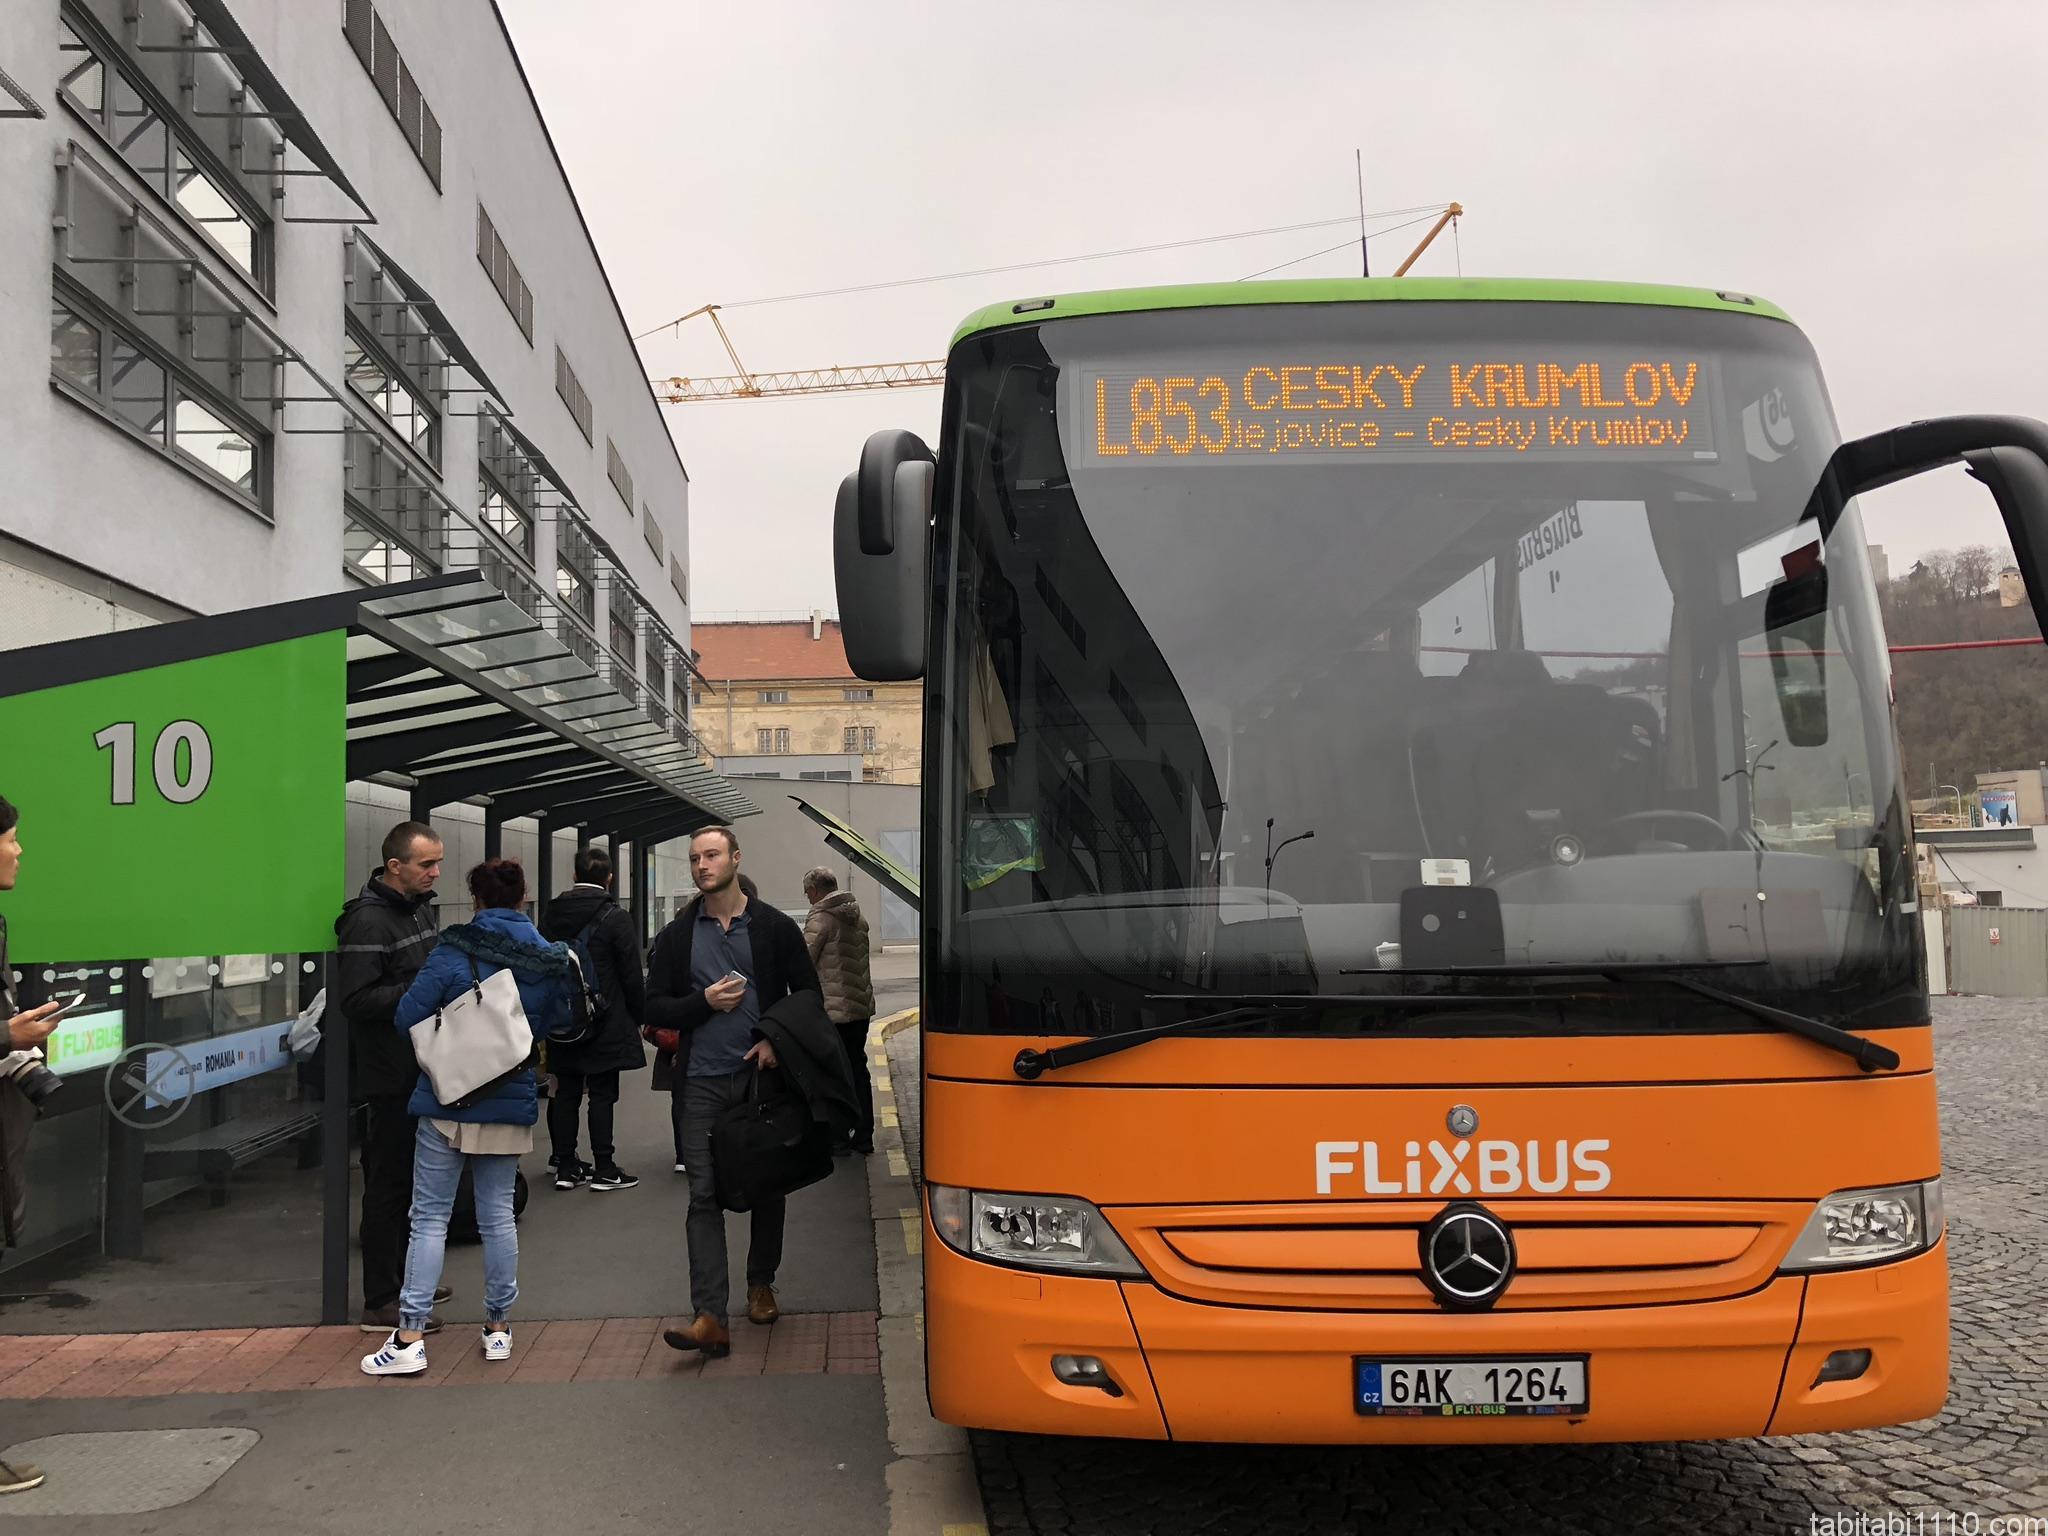 チェスキークルムロフ行きのFlixbus